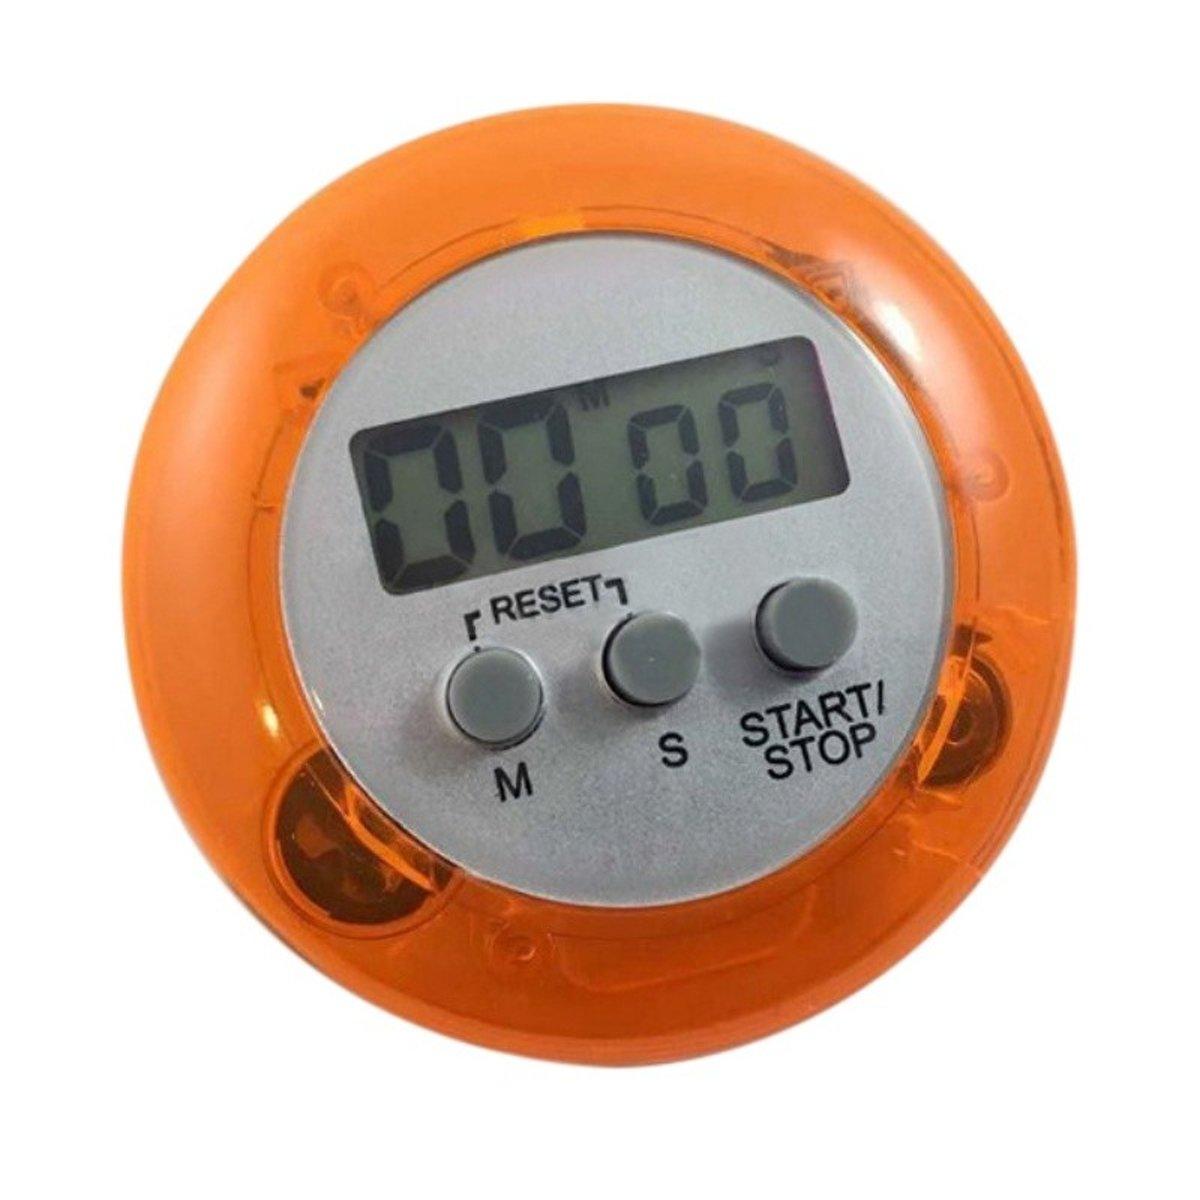 Digitale ronde lcd eierwekker-kookwekker oranje kopen